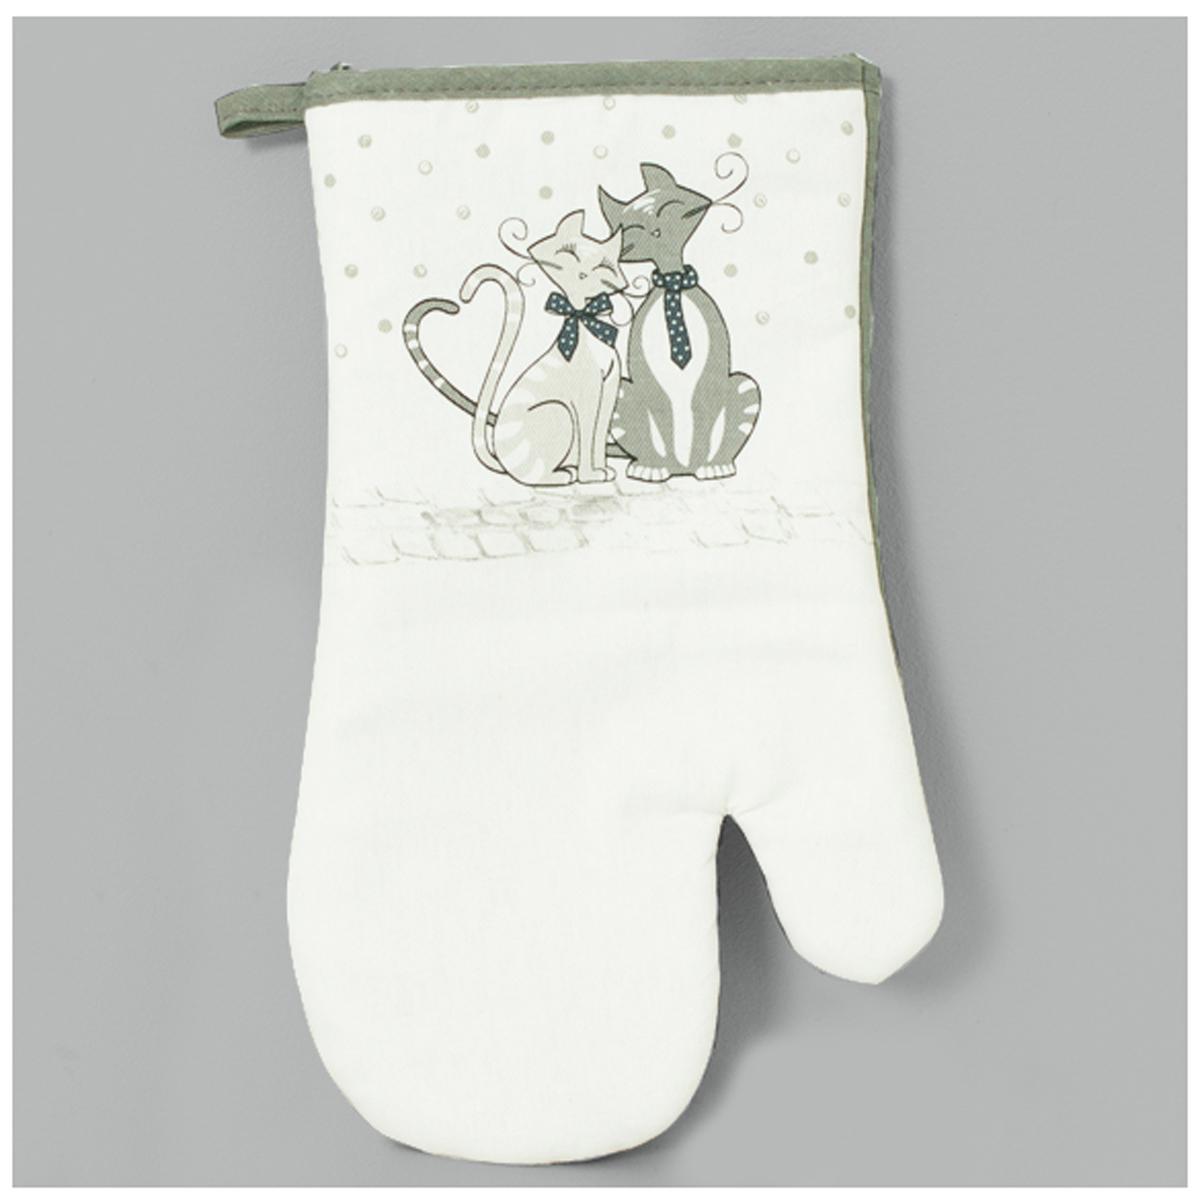 Gant de cuisine \'Chats\' gris blanc - 28x14 cm - [A0246]